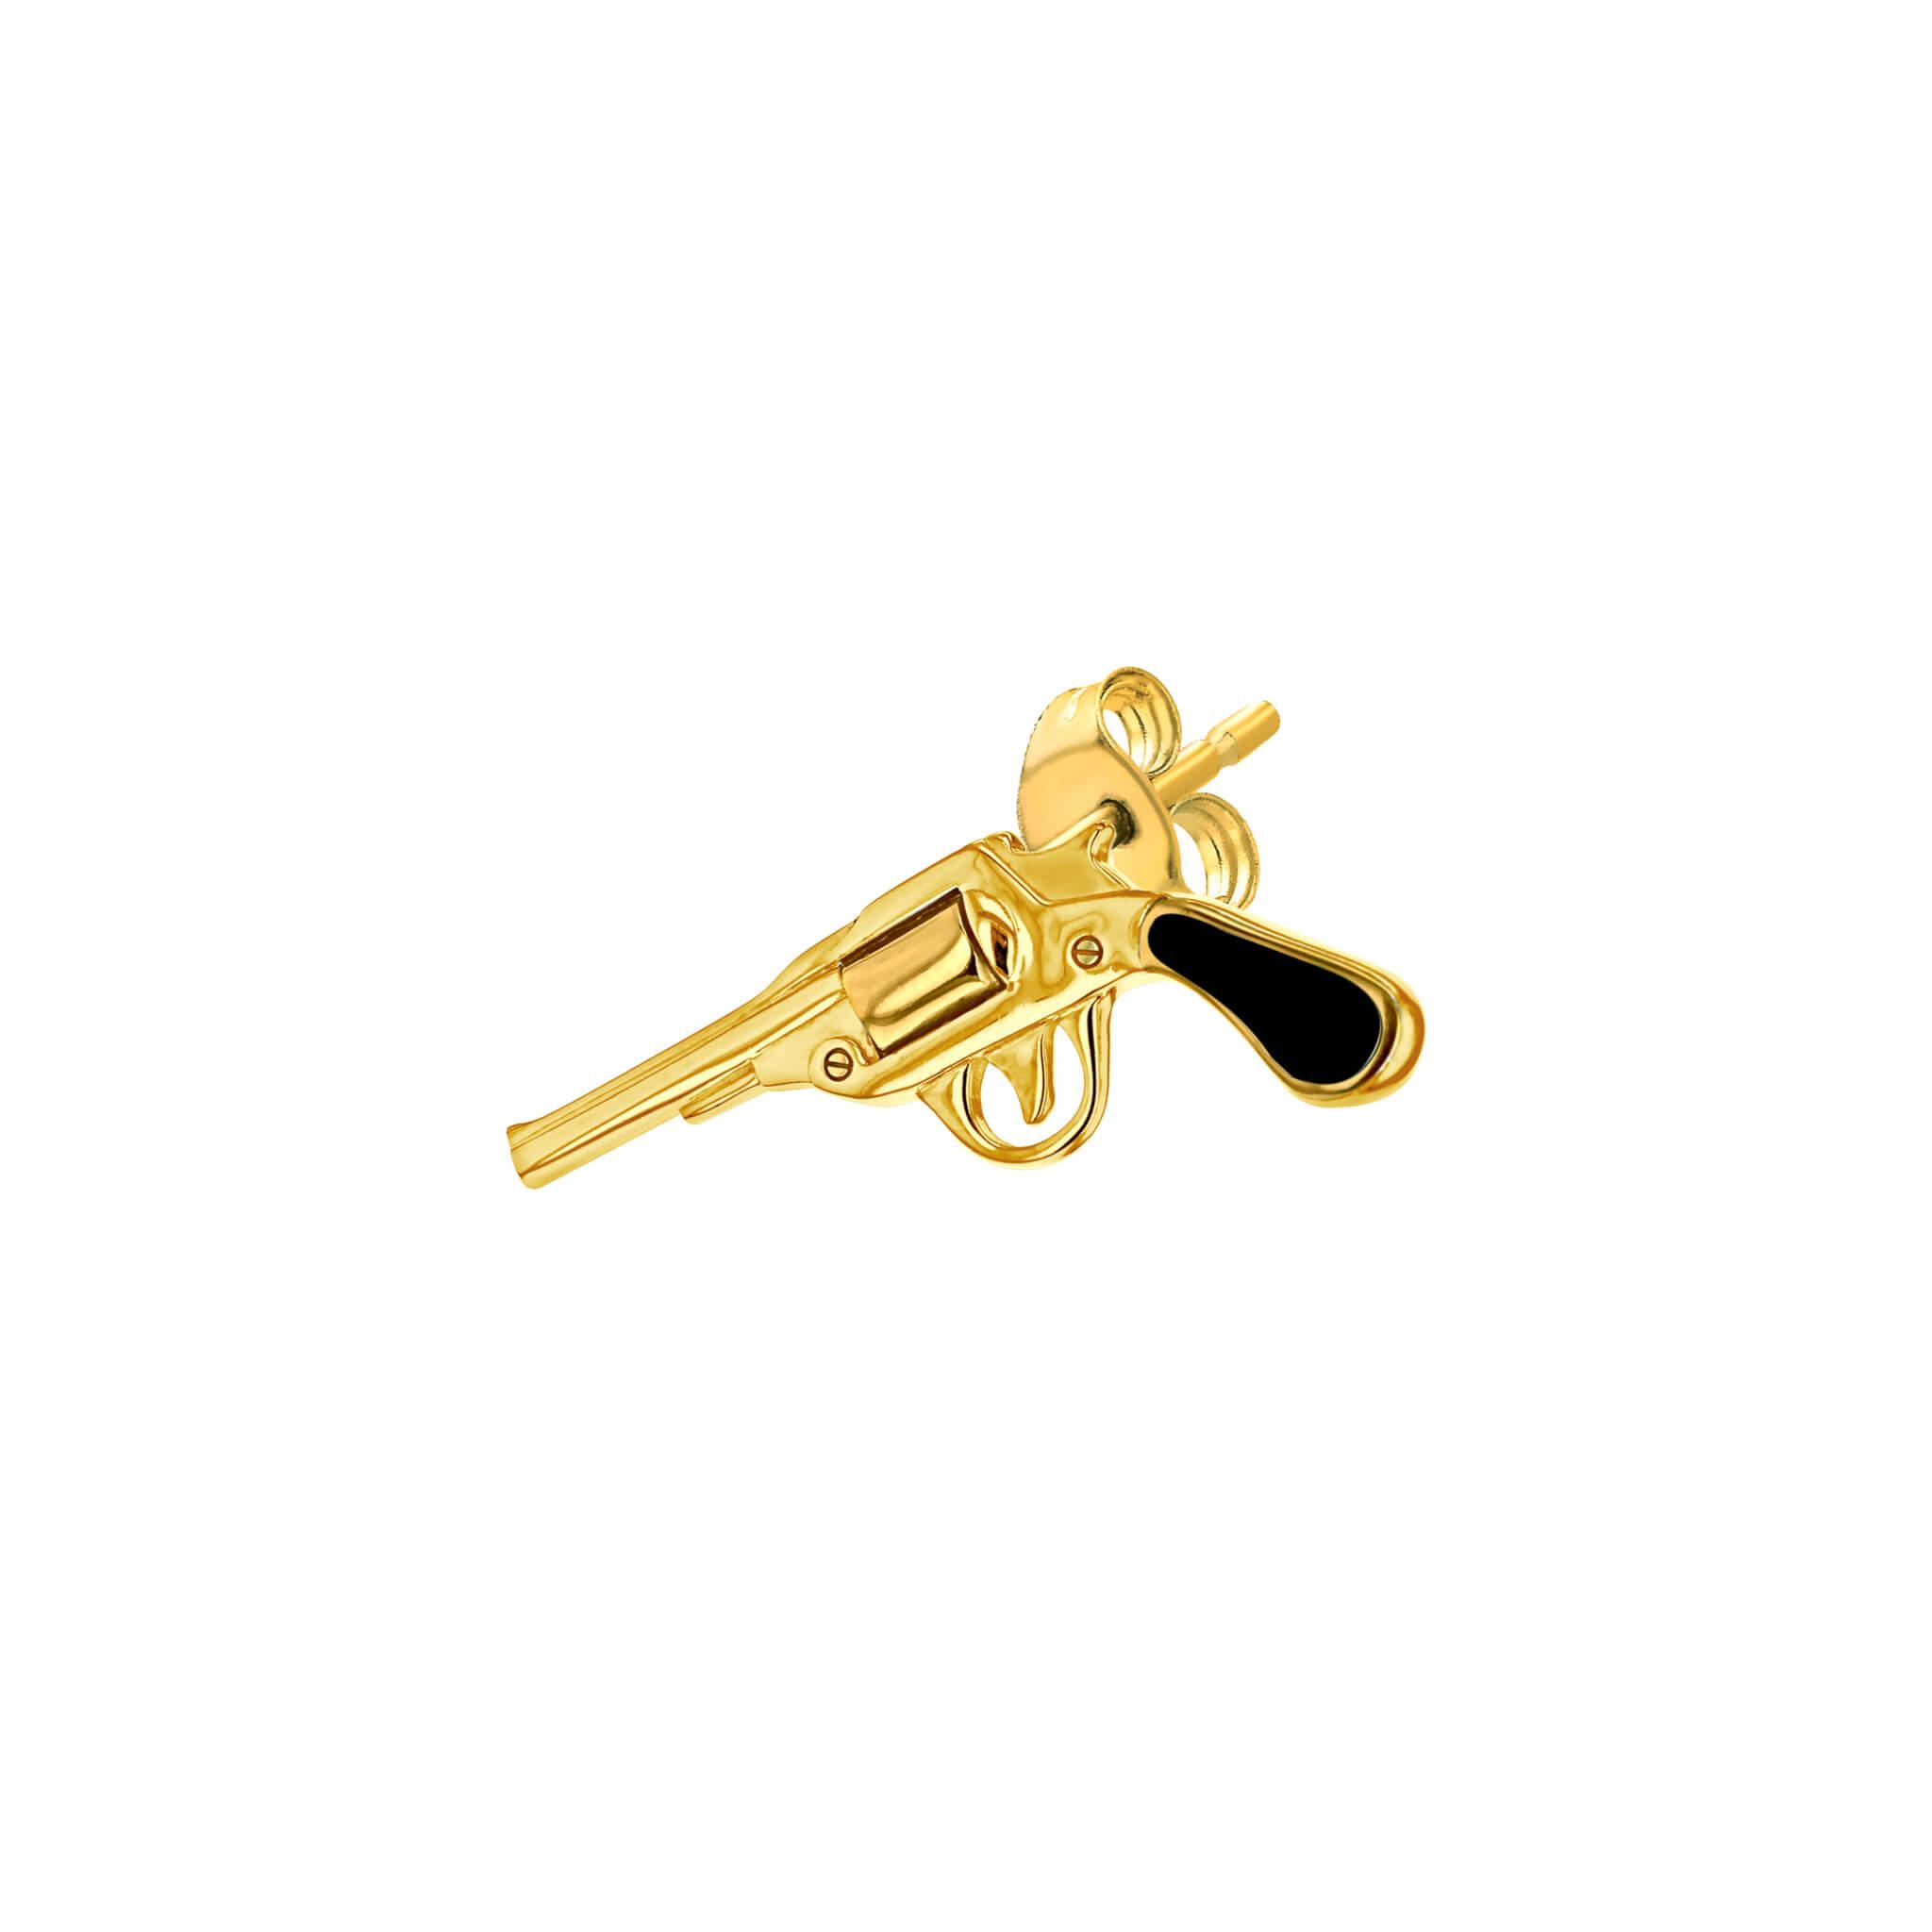 Stud Black & Gold Pistol for left ear